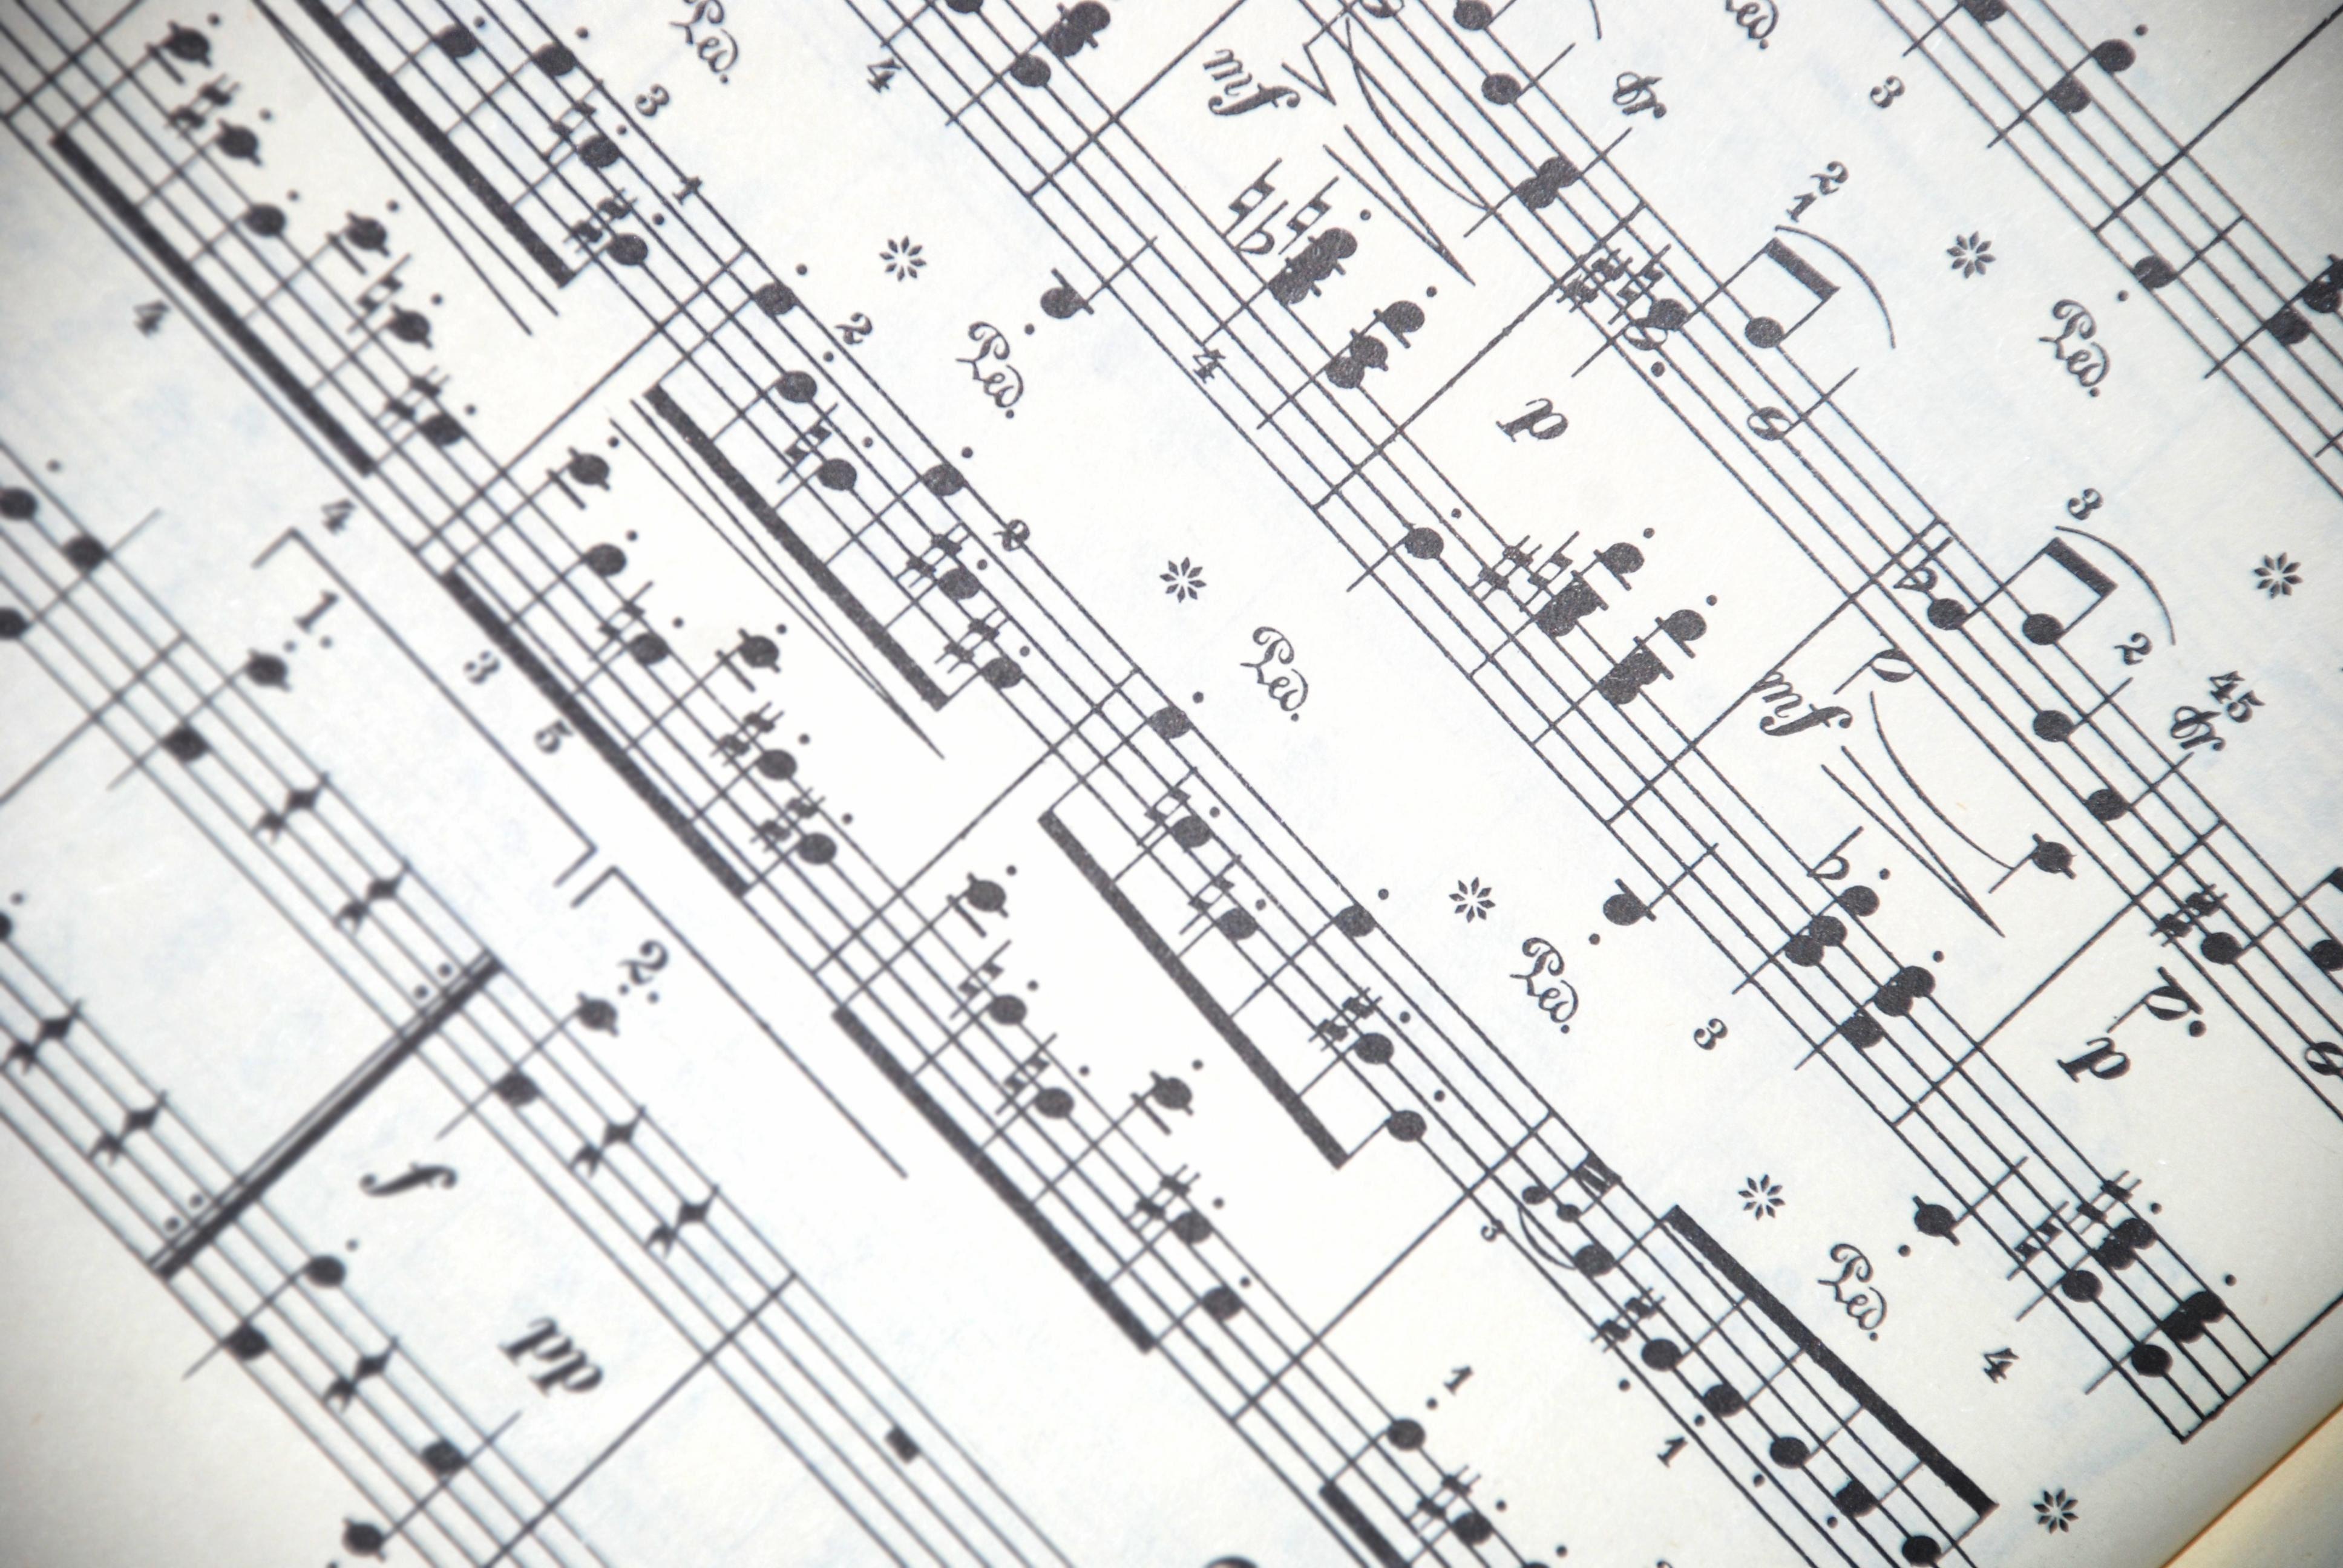 Musik: Hemlig kärlek